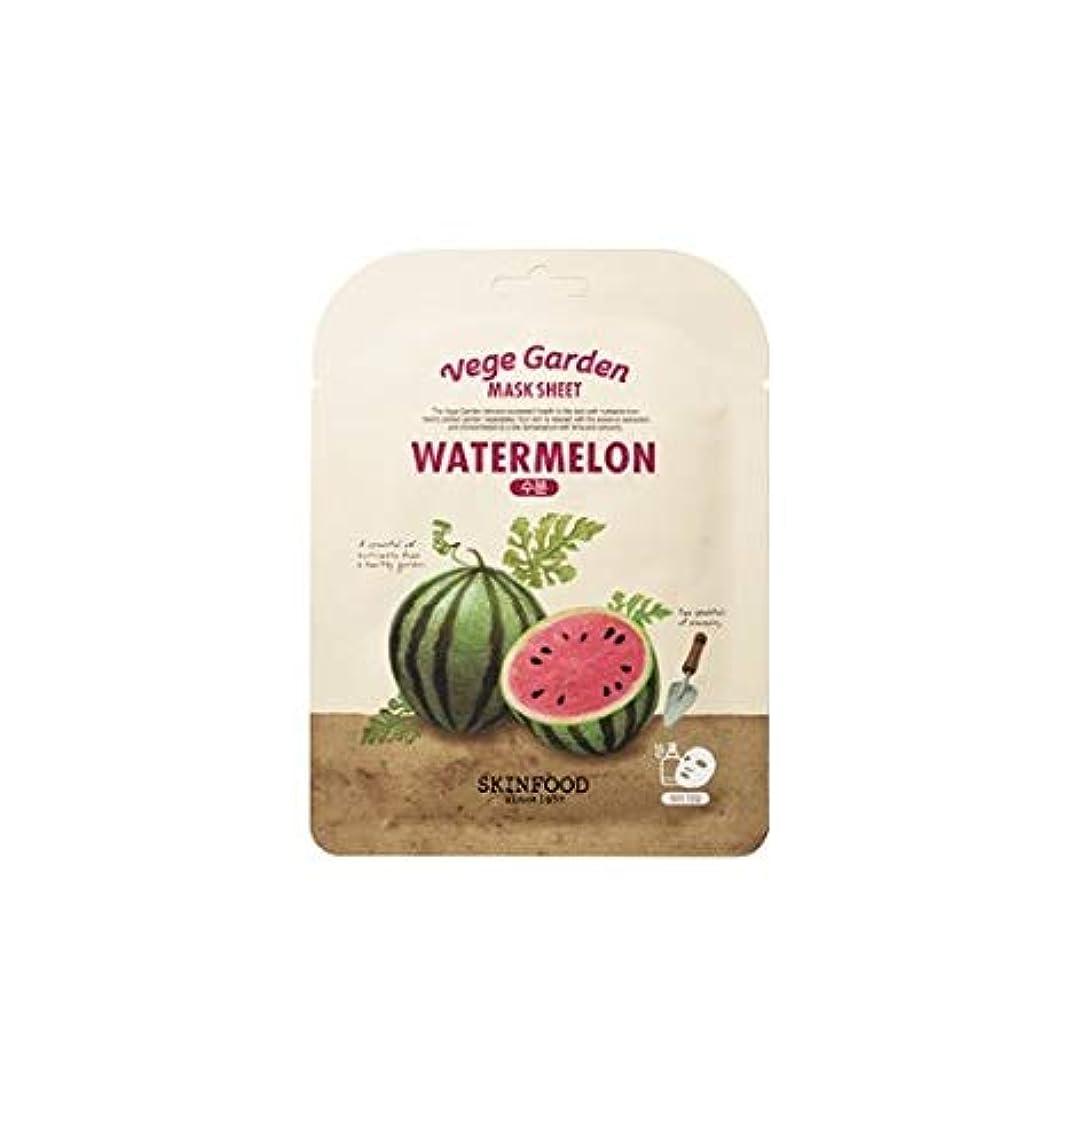 本当のことを言うと衝突コース費用Skinfood ベジガーデンマスクシート#スイカ* 10ea / Vege Garden Mask Sheet # watermelon *10ea 20ml*10 [並行輸入品]